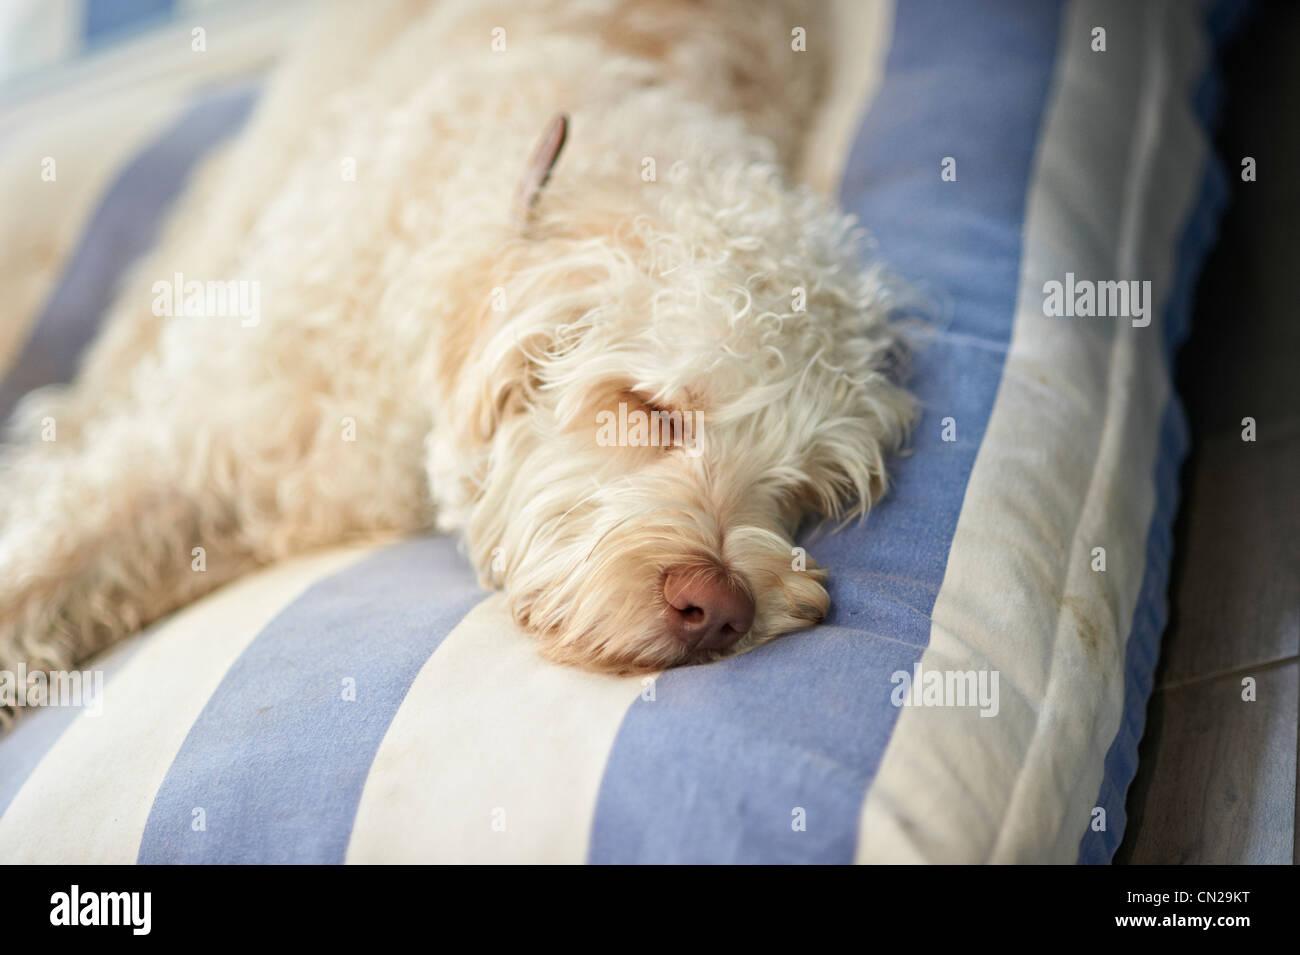 Dog on cushion - Stock Image